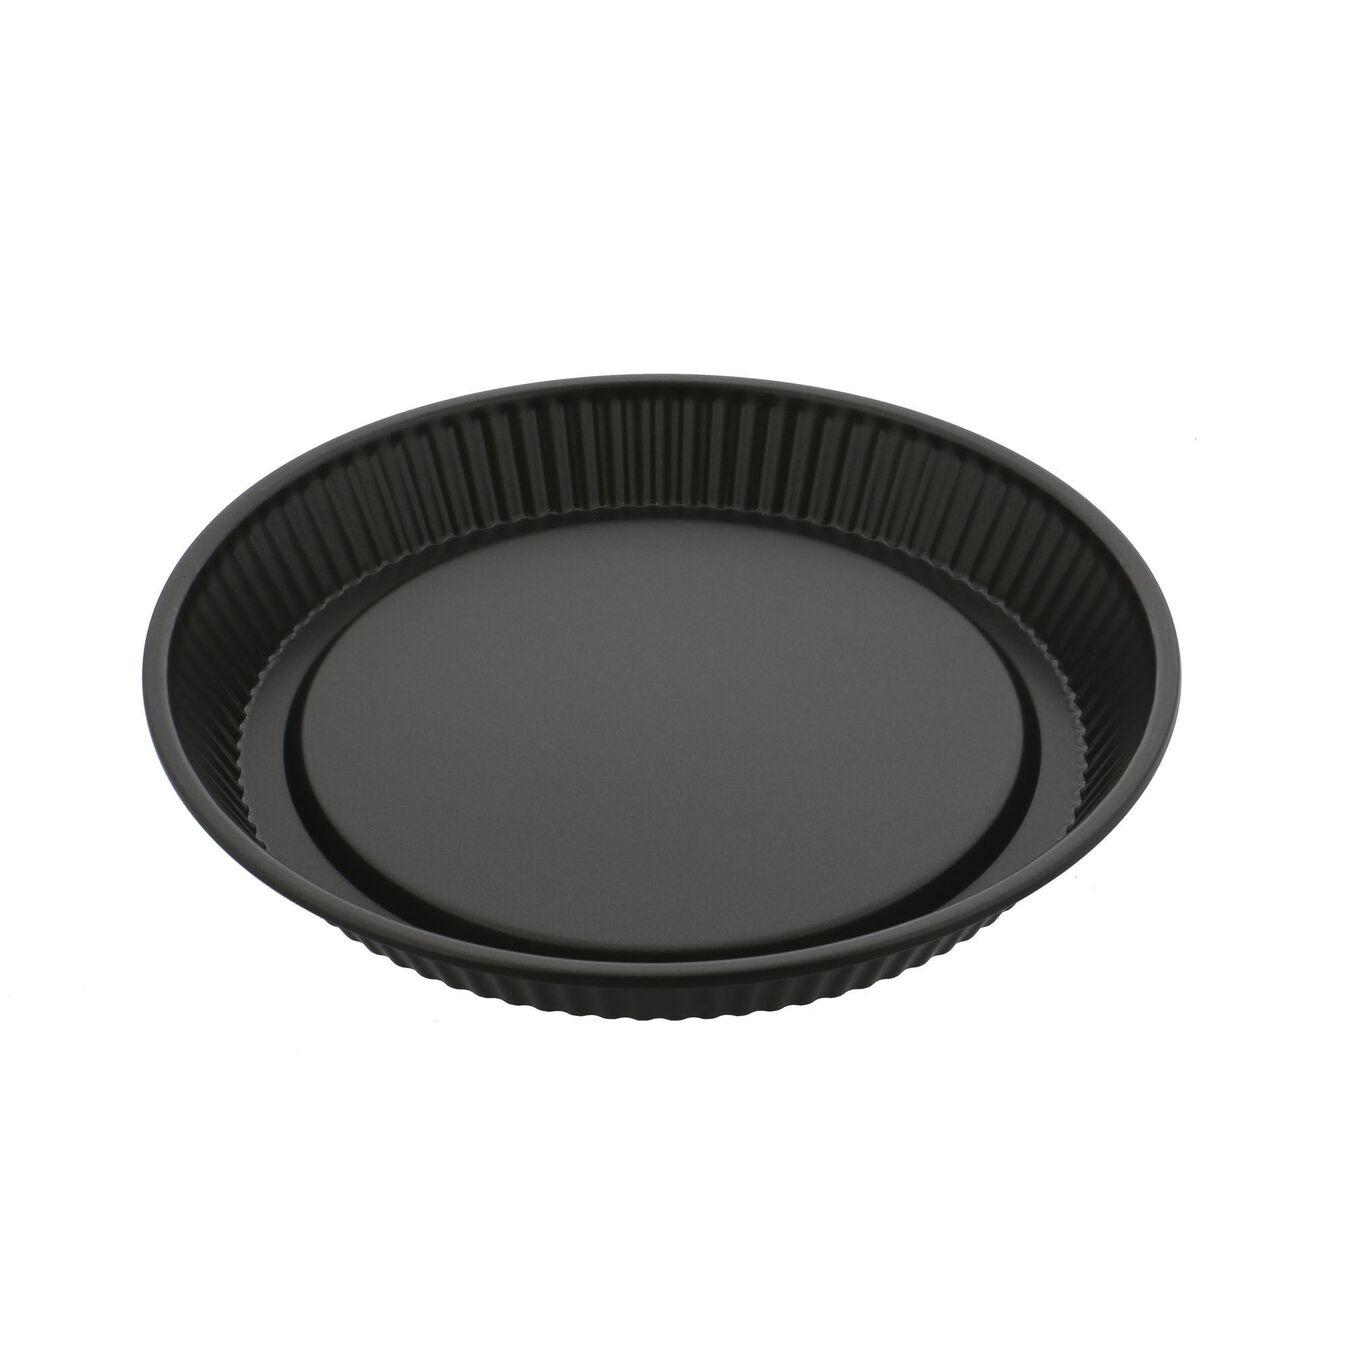 11-inch, Flan/Tart Pan Nonstick, black matte,,large 1